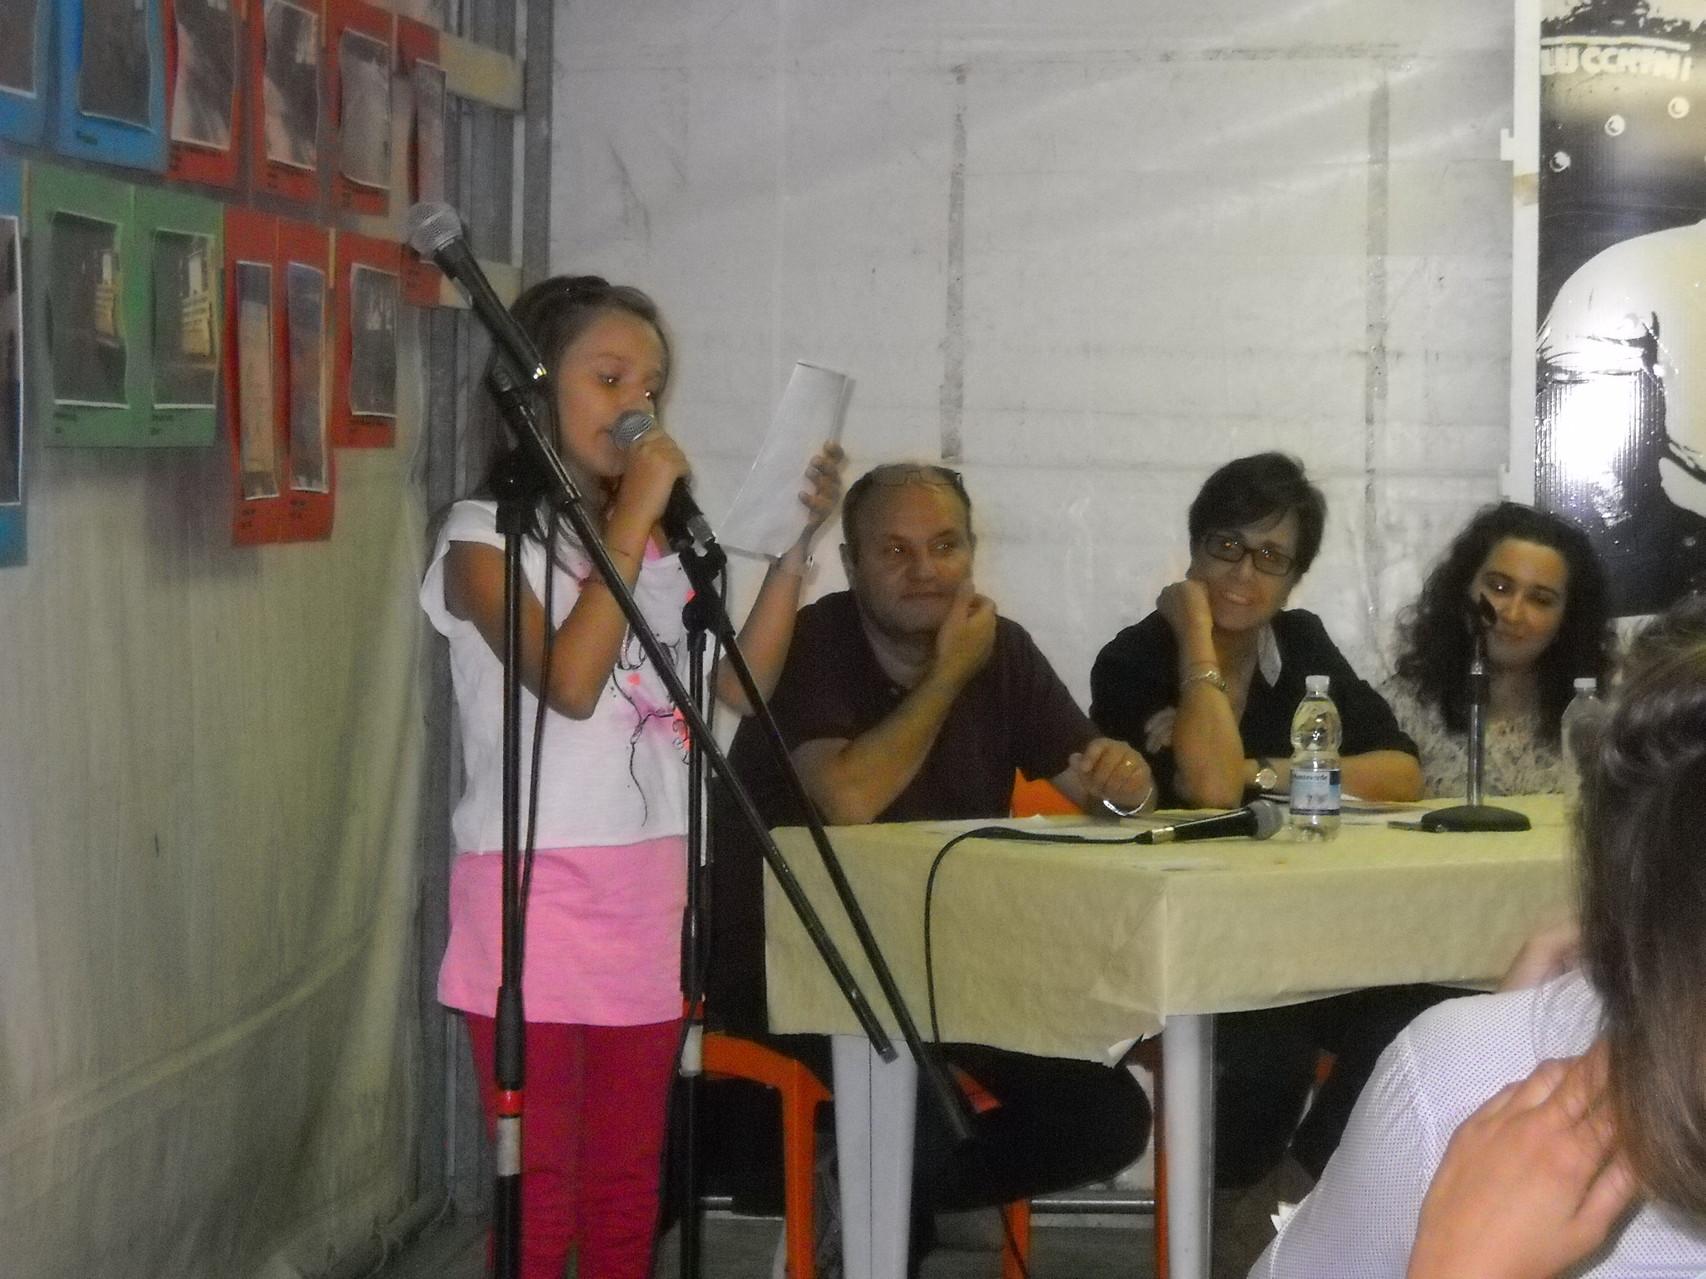 La recitazione da parte dei piccoli attori del Teatro dell'Aglio delle poesie tratte dal libro 'Un'altalena di emozioni' di Francesca Ghiribelli